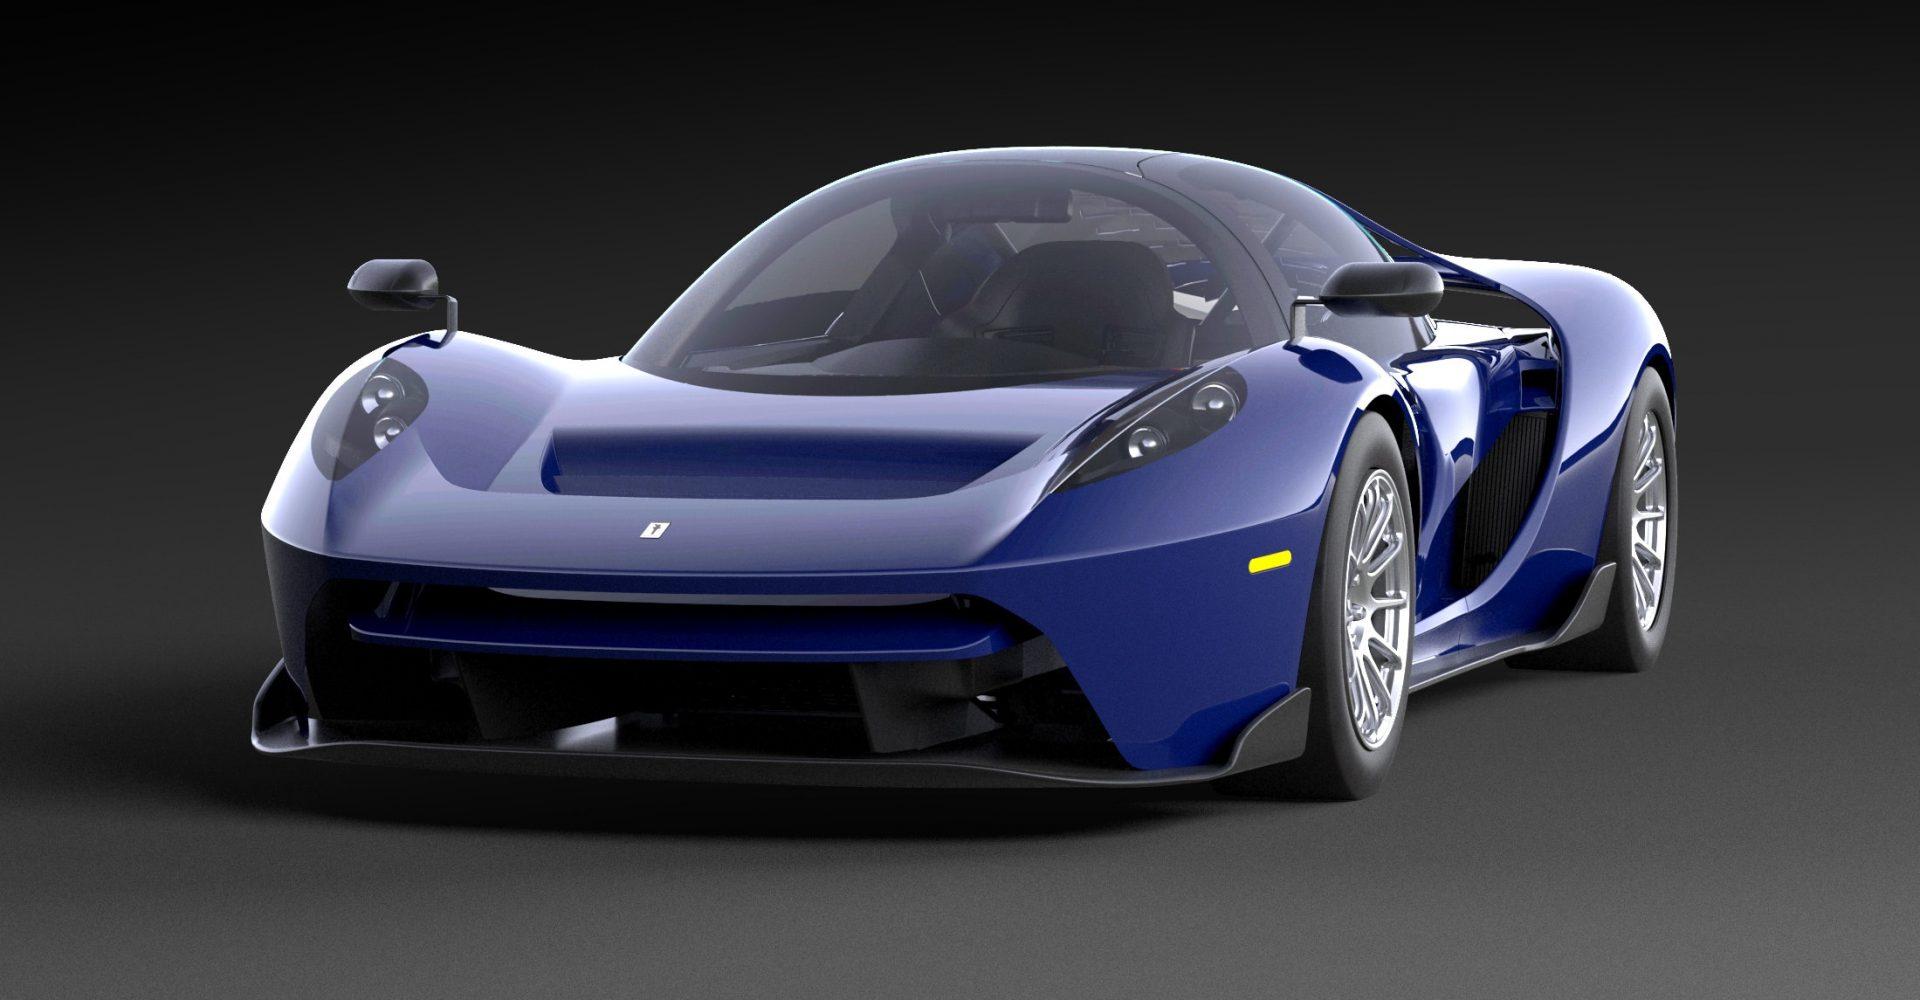 The Scuderia Cameron Glickenhaus 004S will cost £350,000